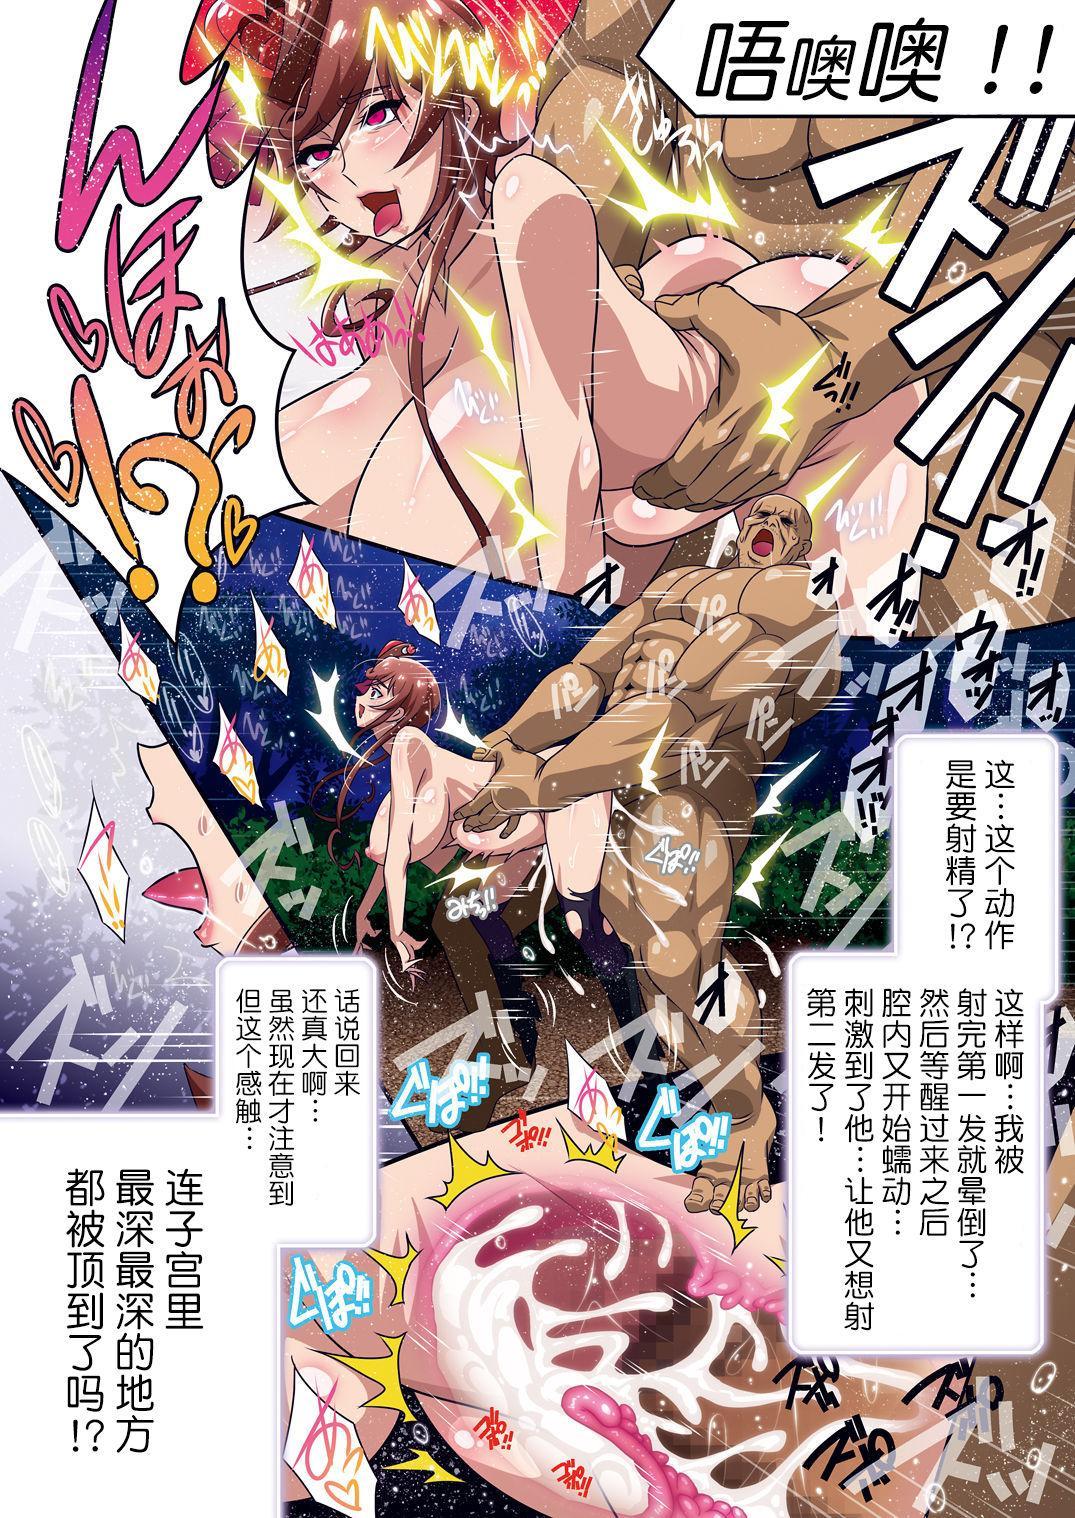 Nee-san vs Chougokubuto Yuugiri Tai Takeo Gekka no Koubousen 14